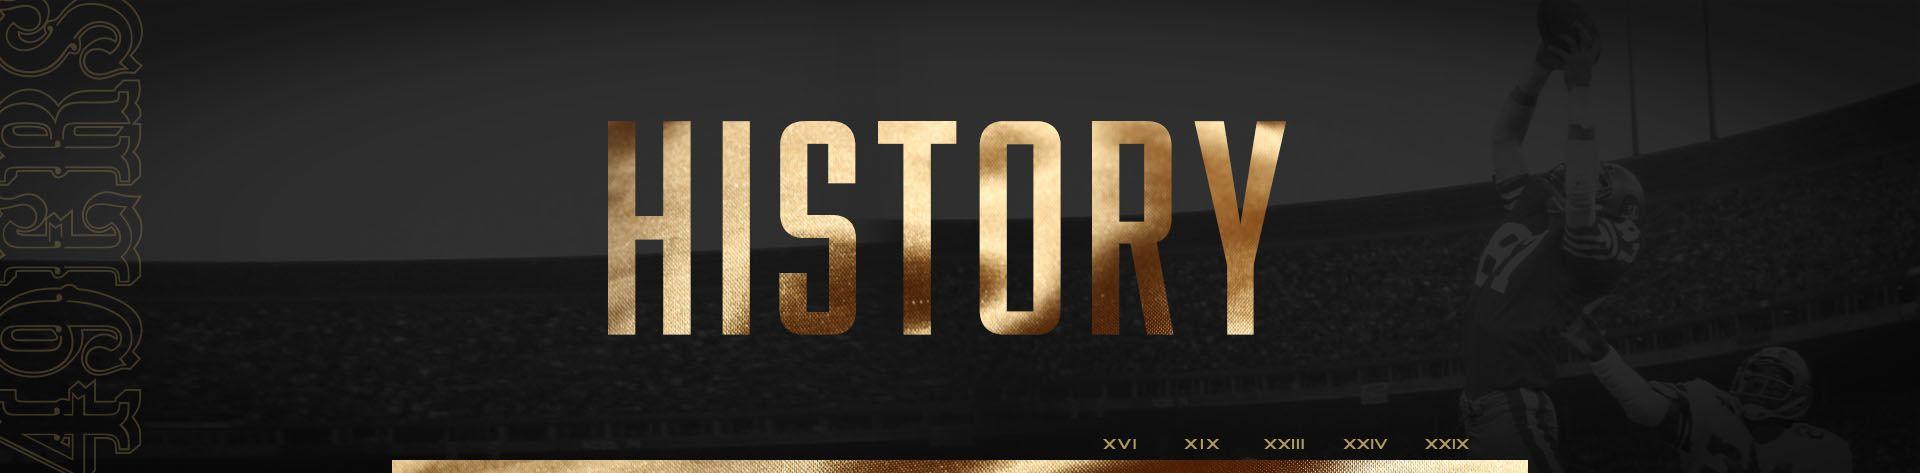 HISTORY-HEADER